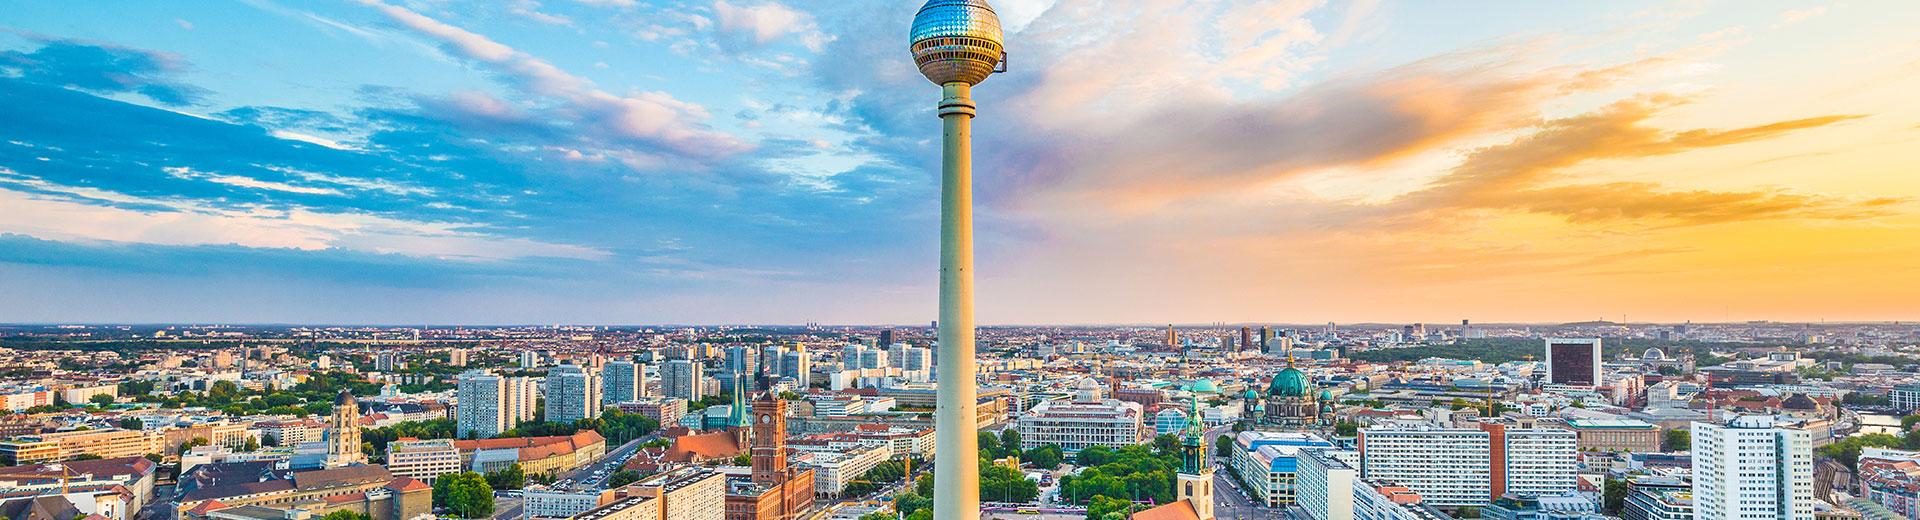 Städtereise Berlin – Flug und Hotel